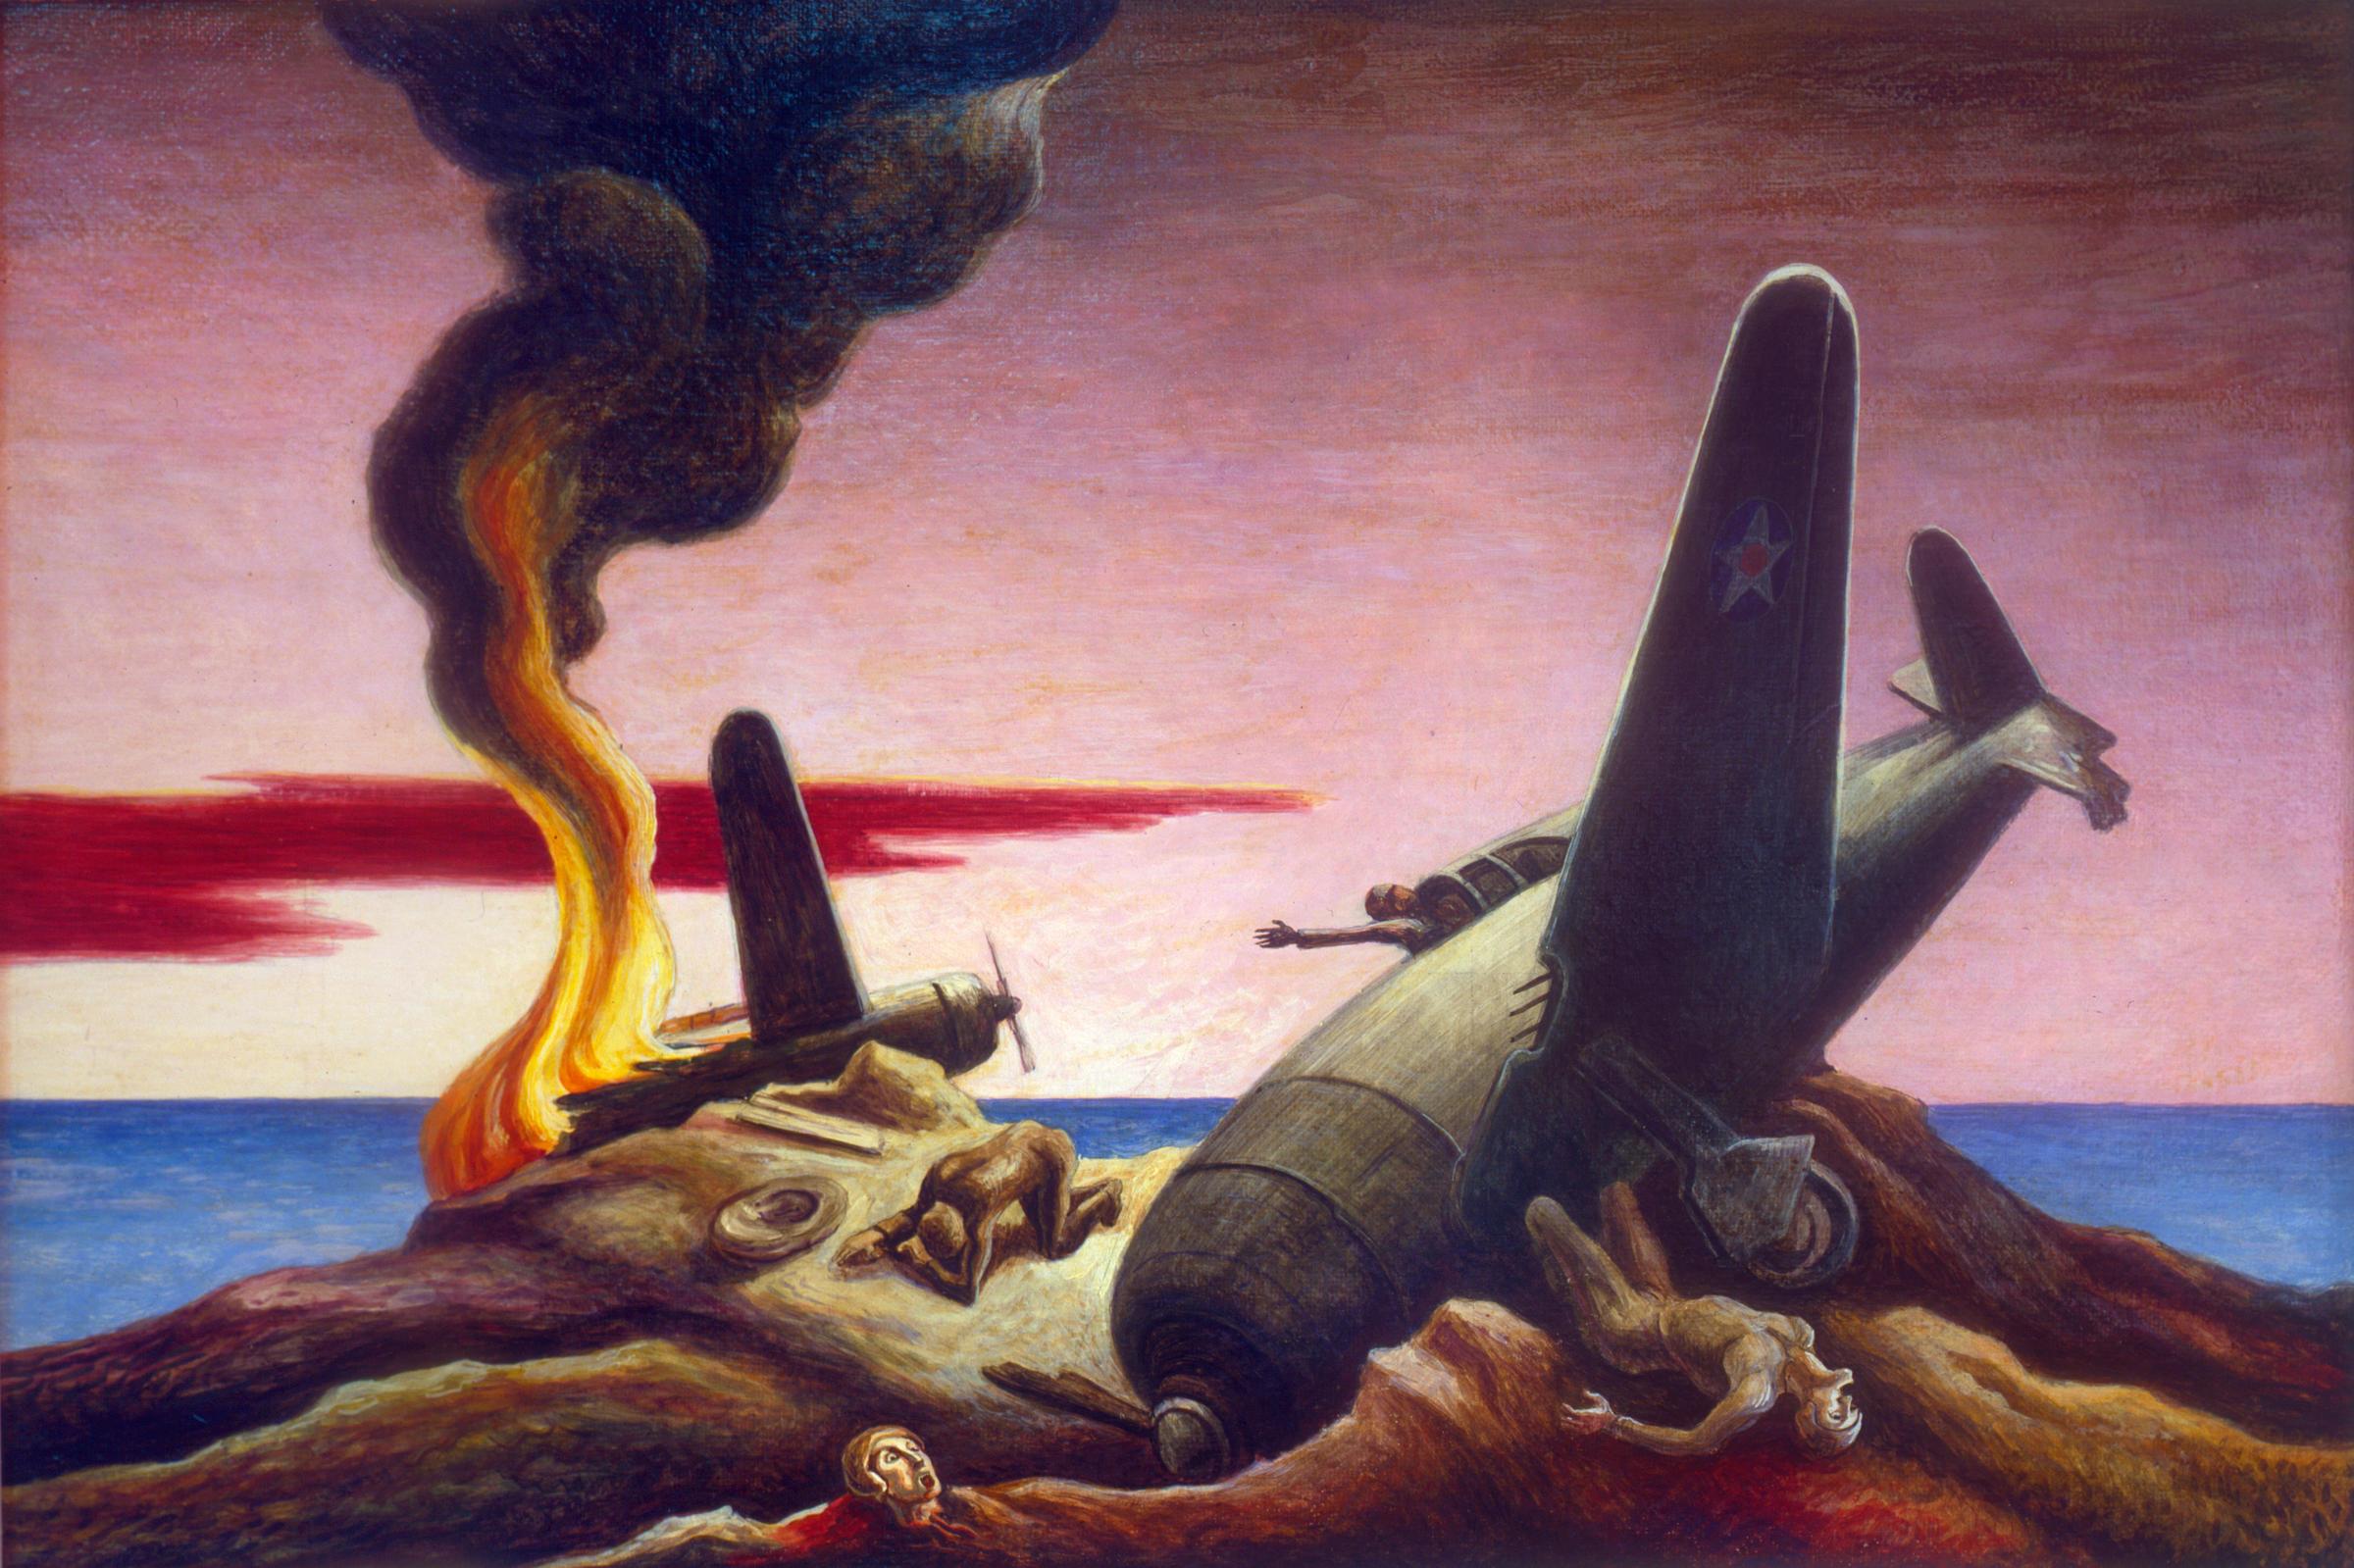 Thomas Hart Benton War Paintings And Sketches Kbia